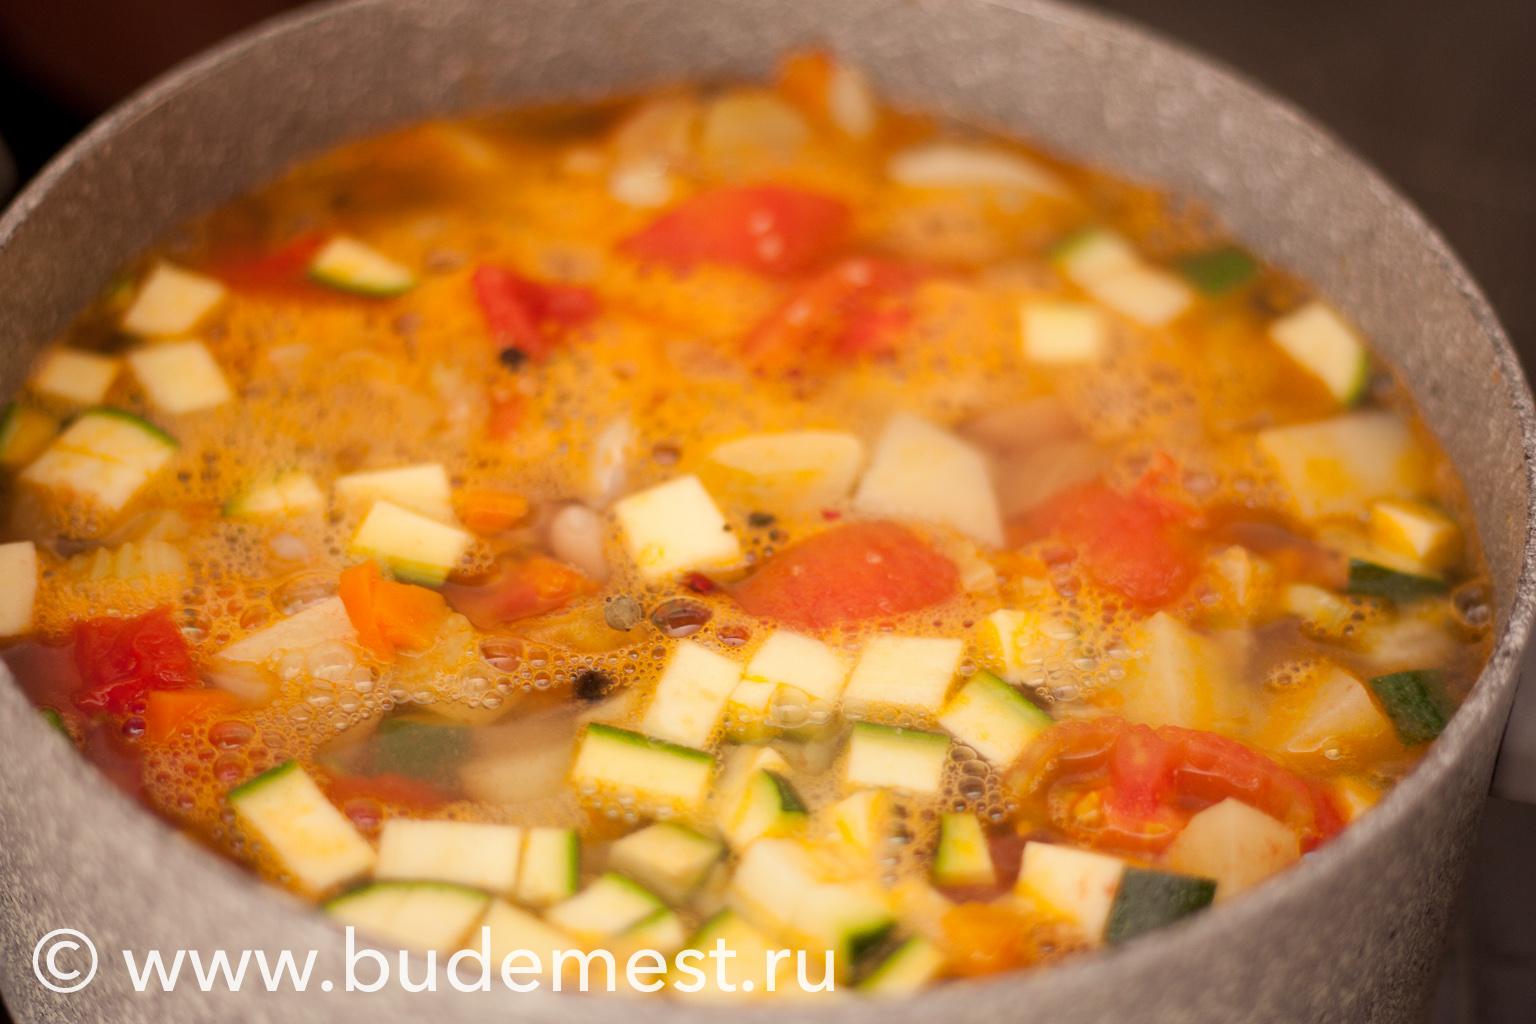 Залейте овощи 2,5 литрами воды, доведите до кипения, убавьте огонь и оставьте вариться под крышкой в течении часа